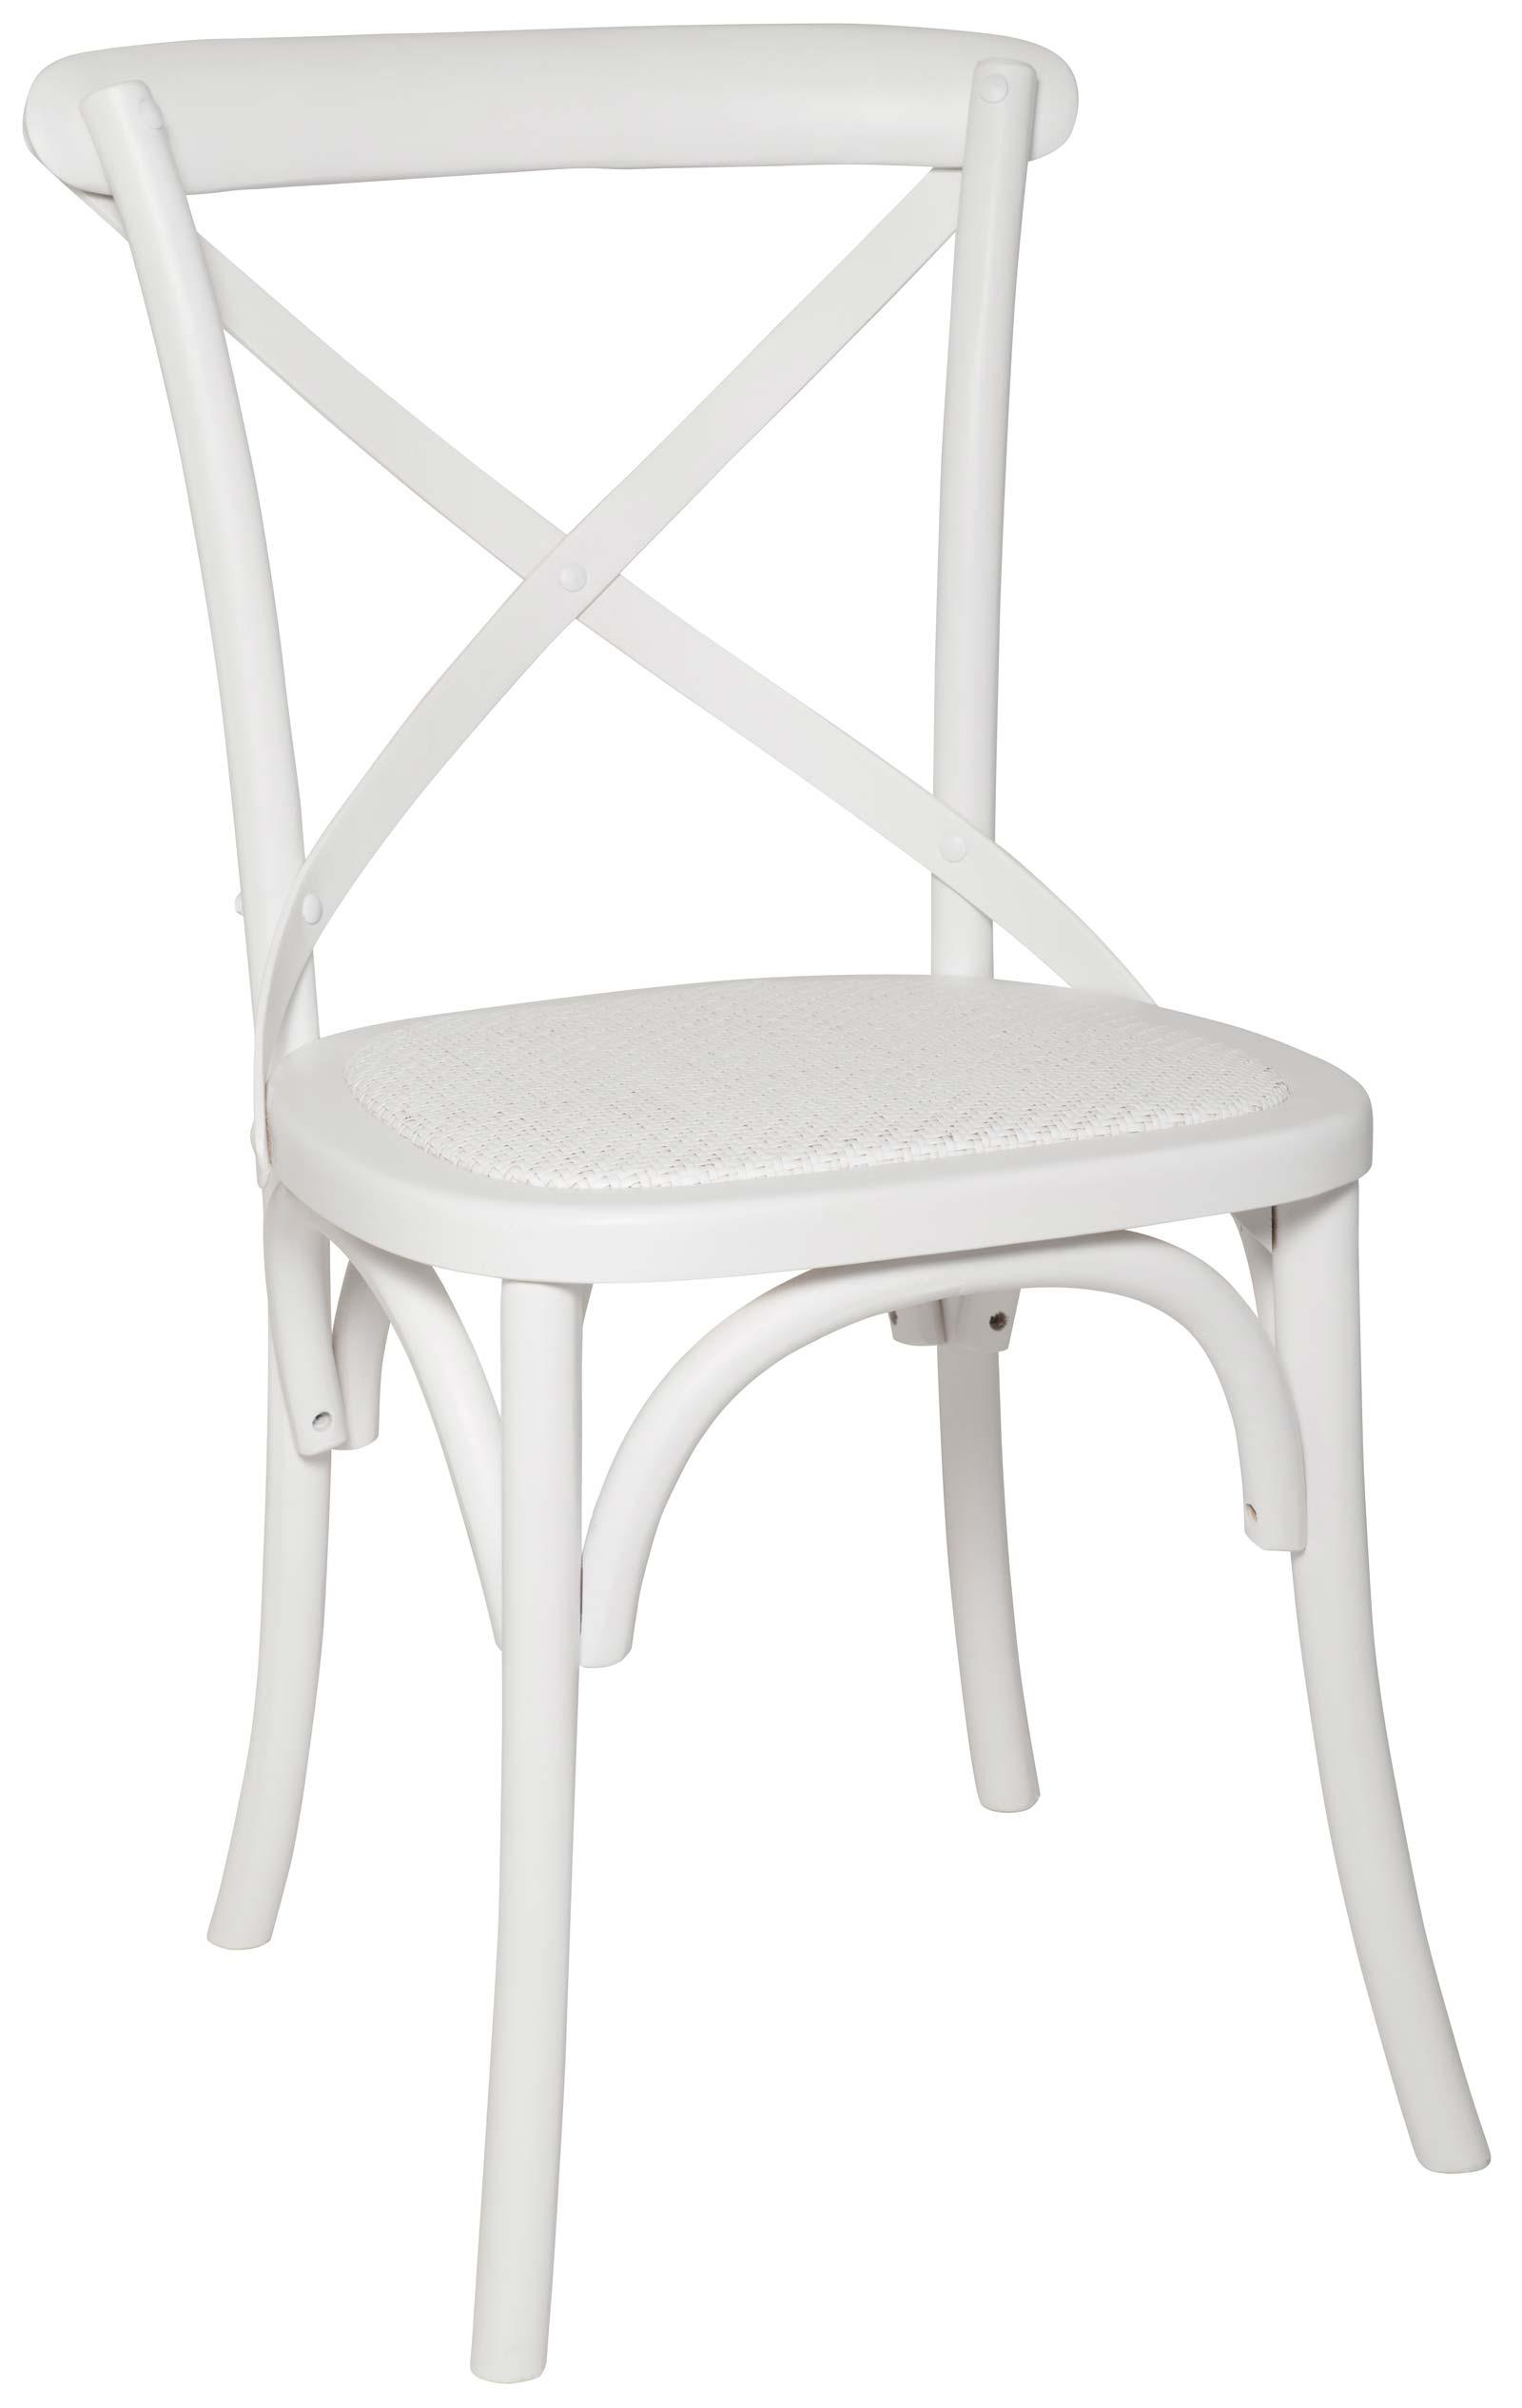 ib laursen Ib laursen stol provence hvid fra boboonline.dk